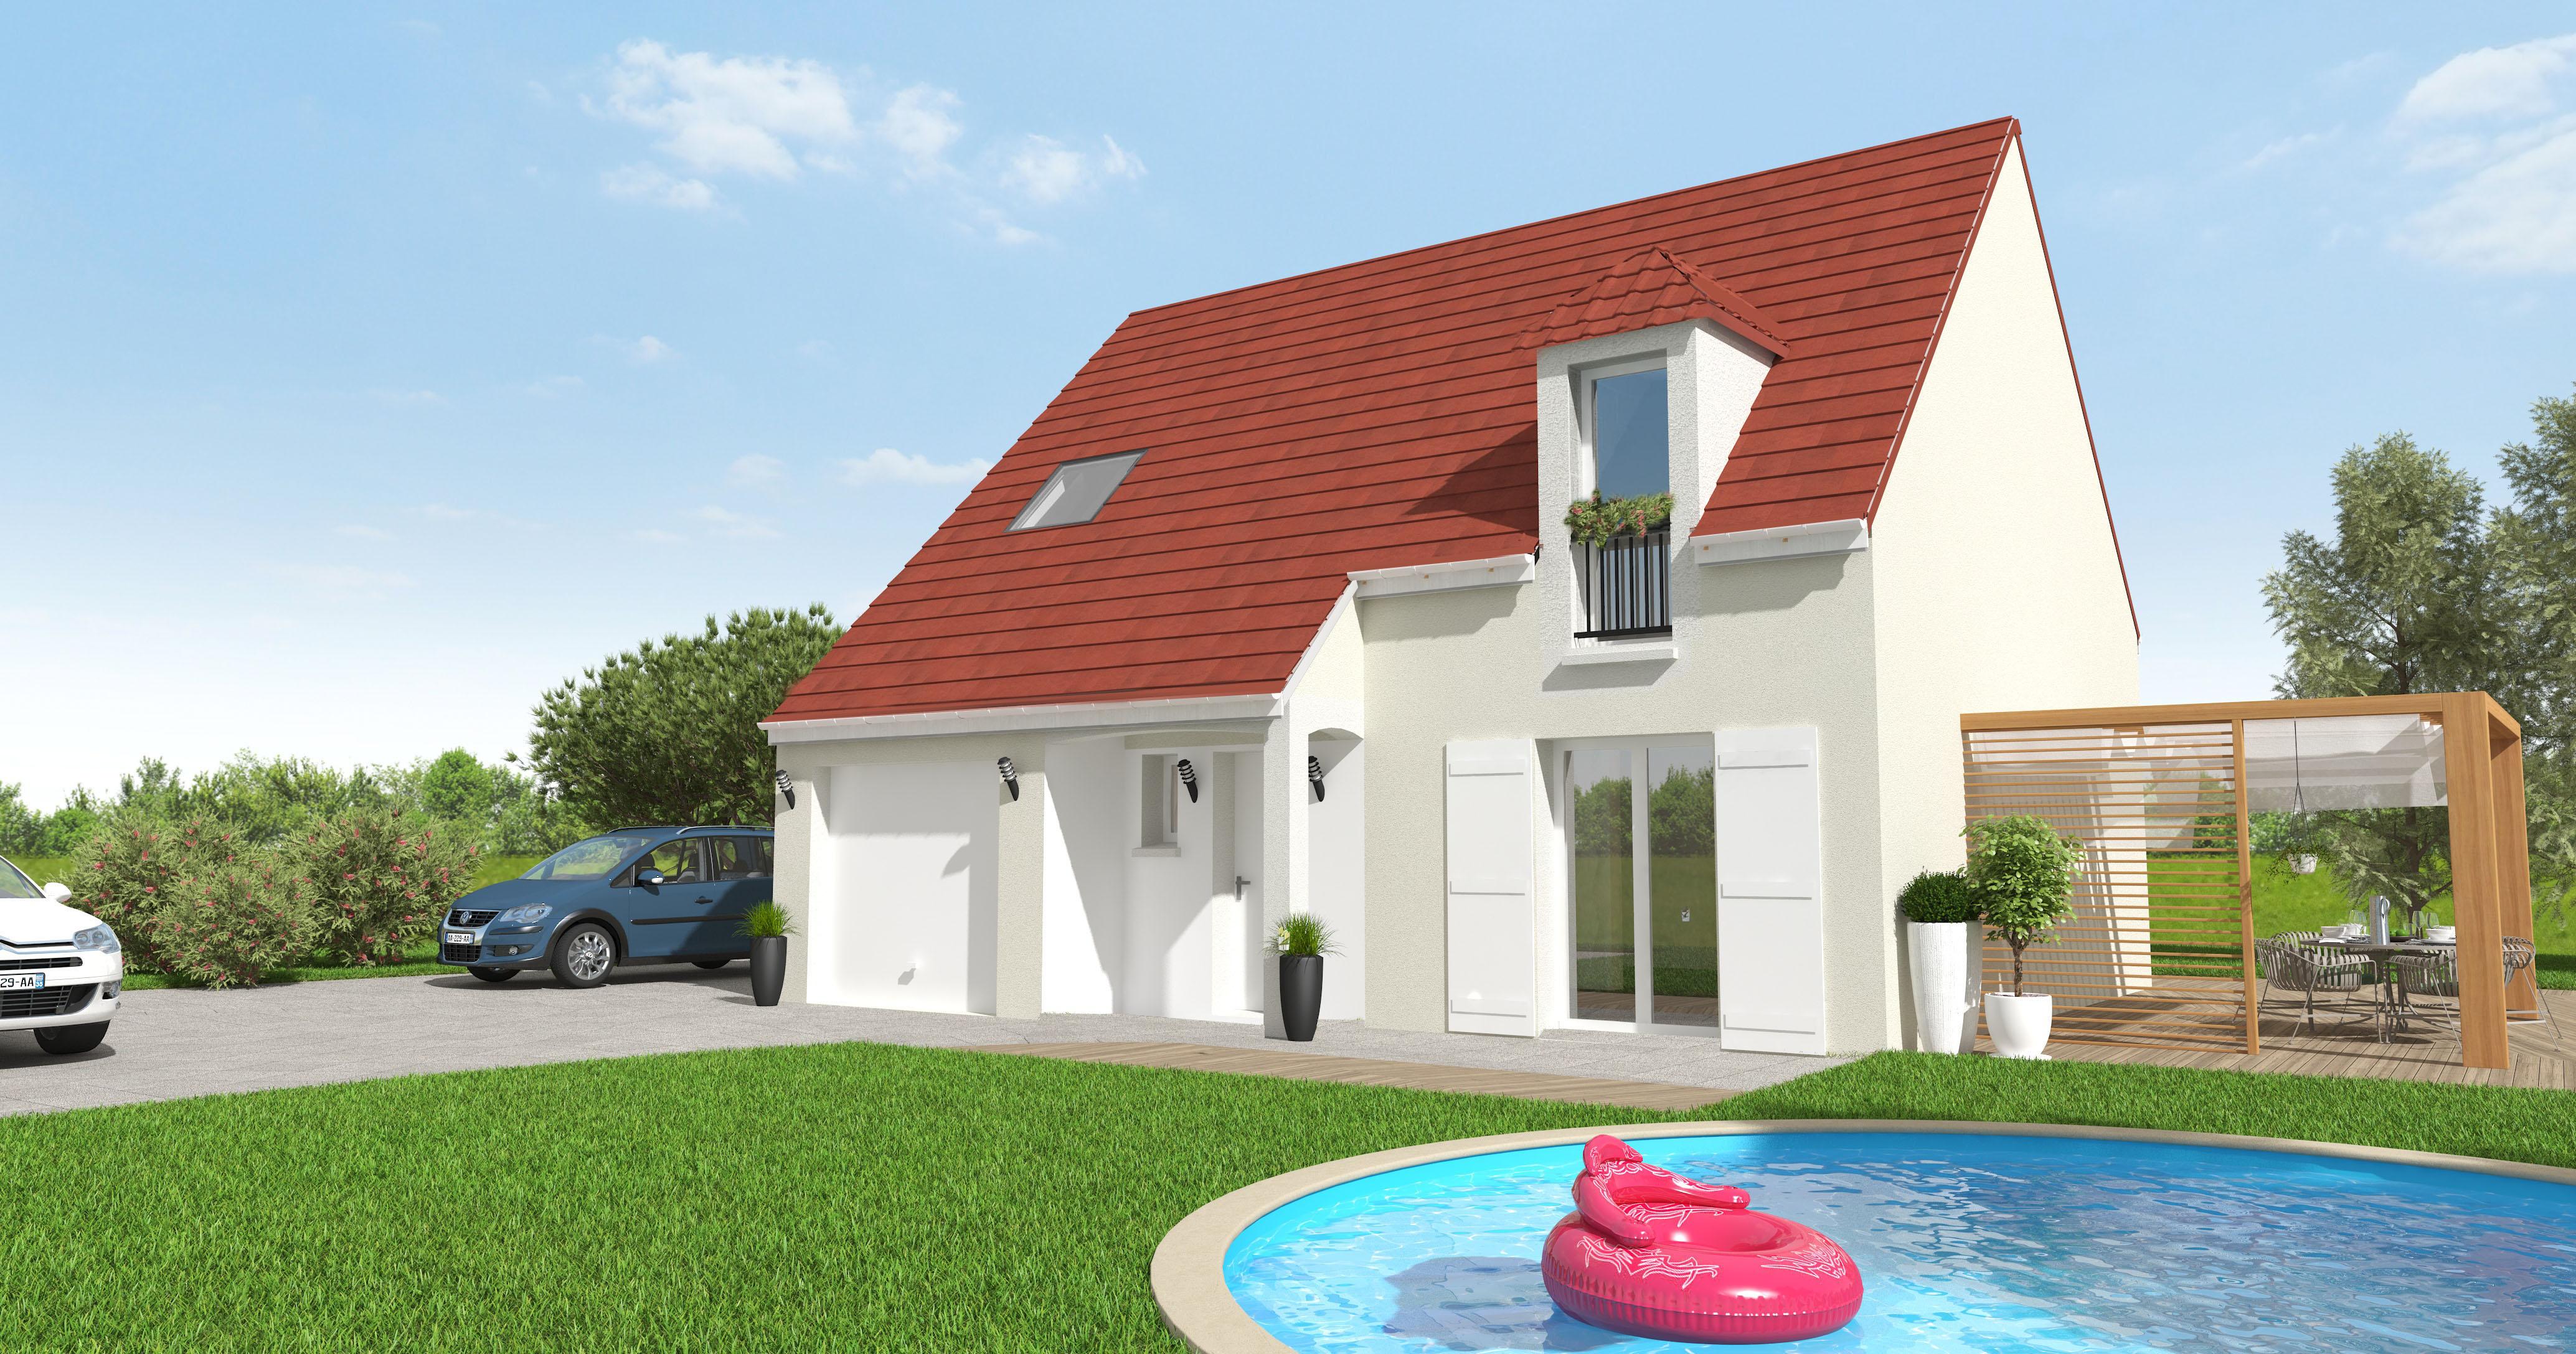 Maisons + Terrains du constructeur MAISON 7 SENS • 98 m² • PERTHES